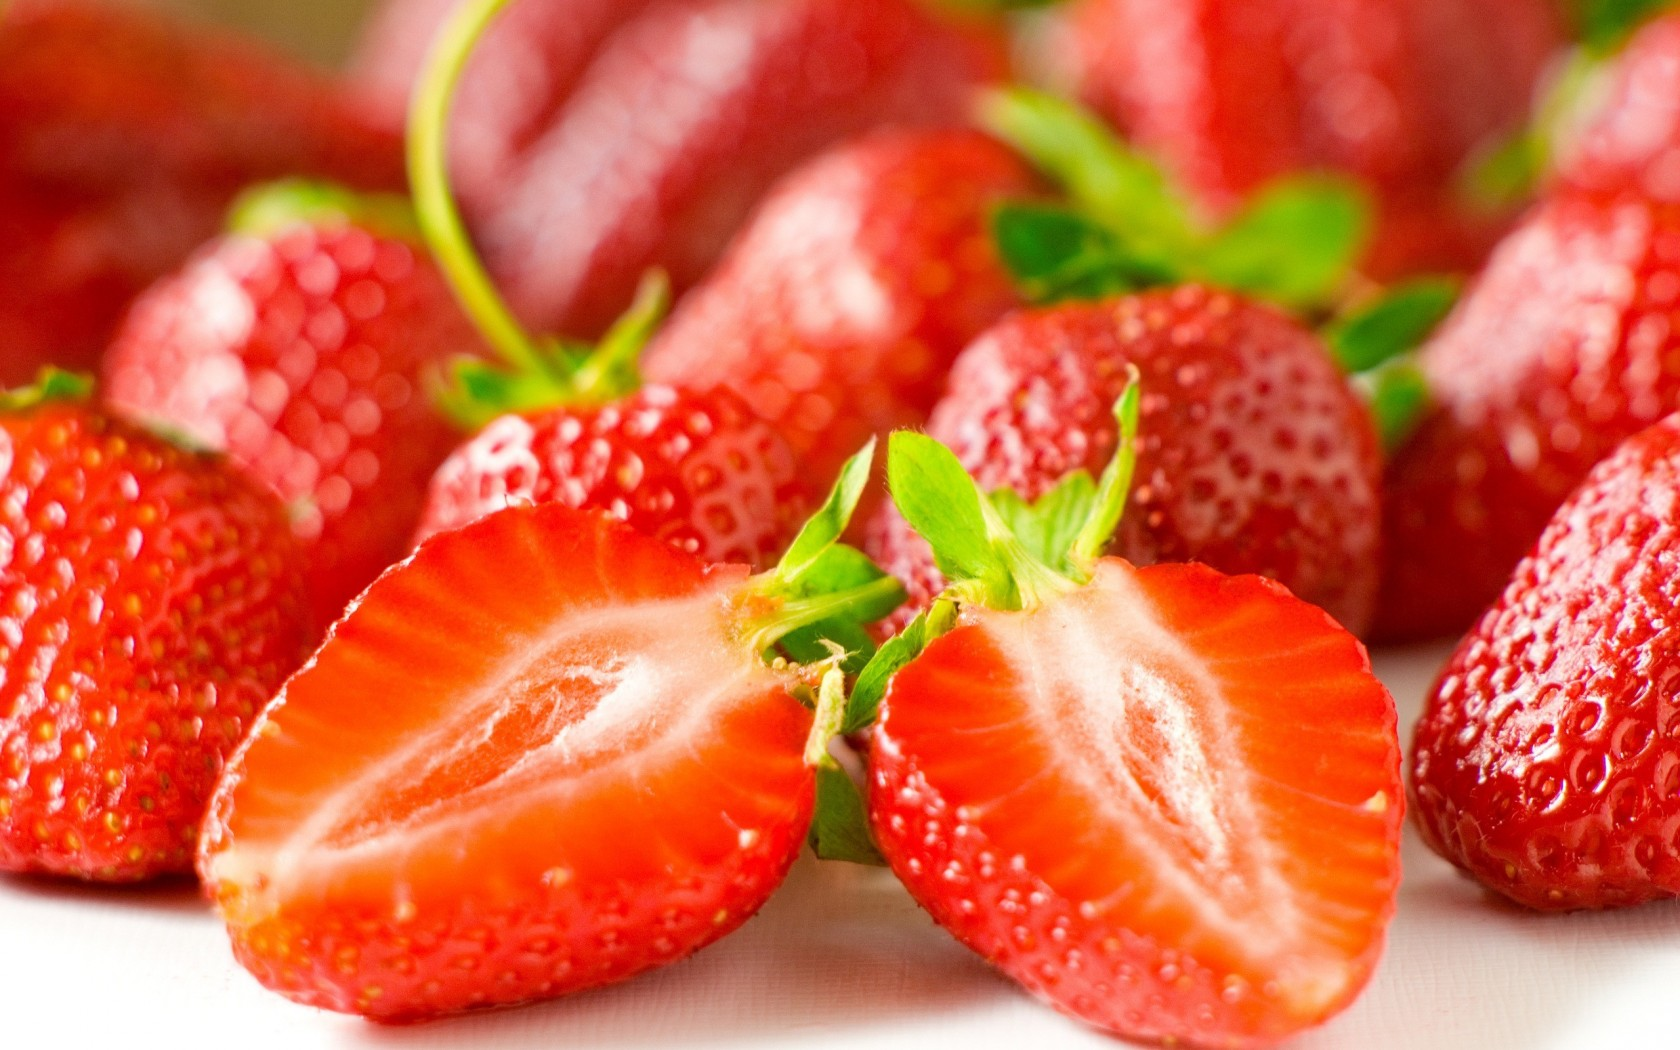 bienfaits-fraises-plenitude-michele-kech-2